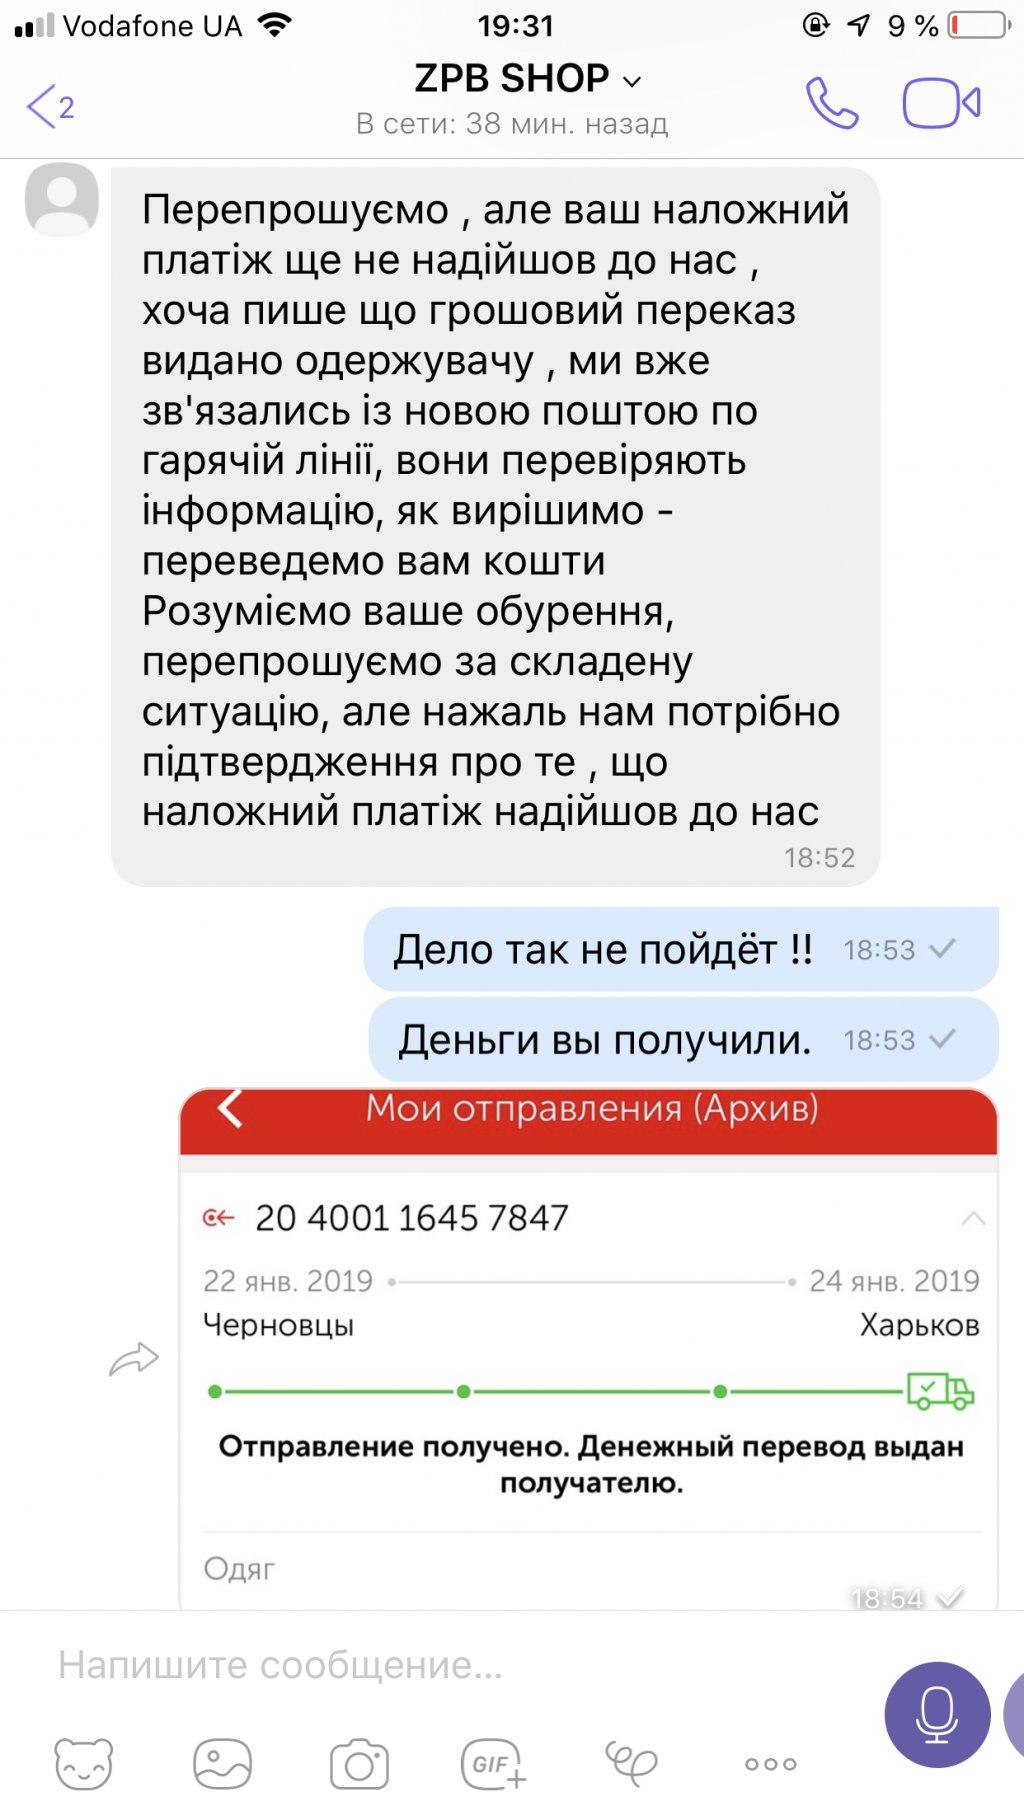 zpb.com.ua интернет-магазин - МОШЕННИКИ